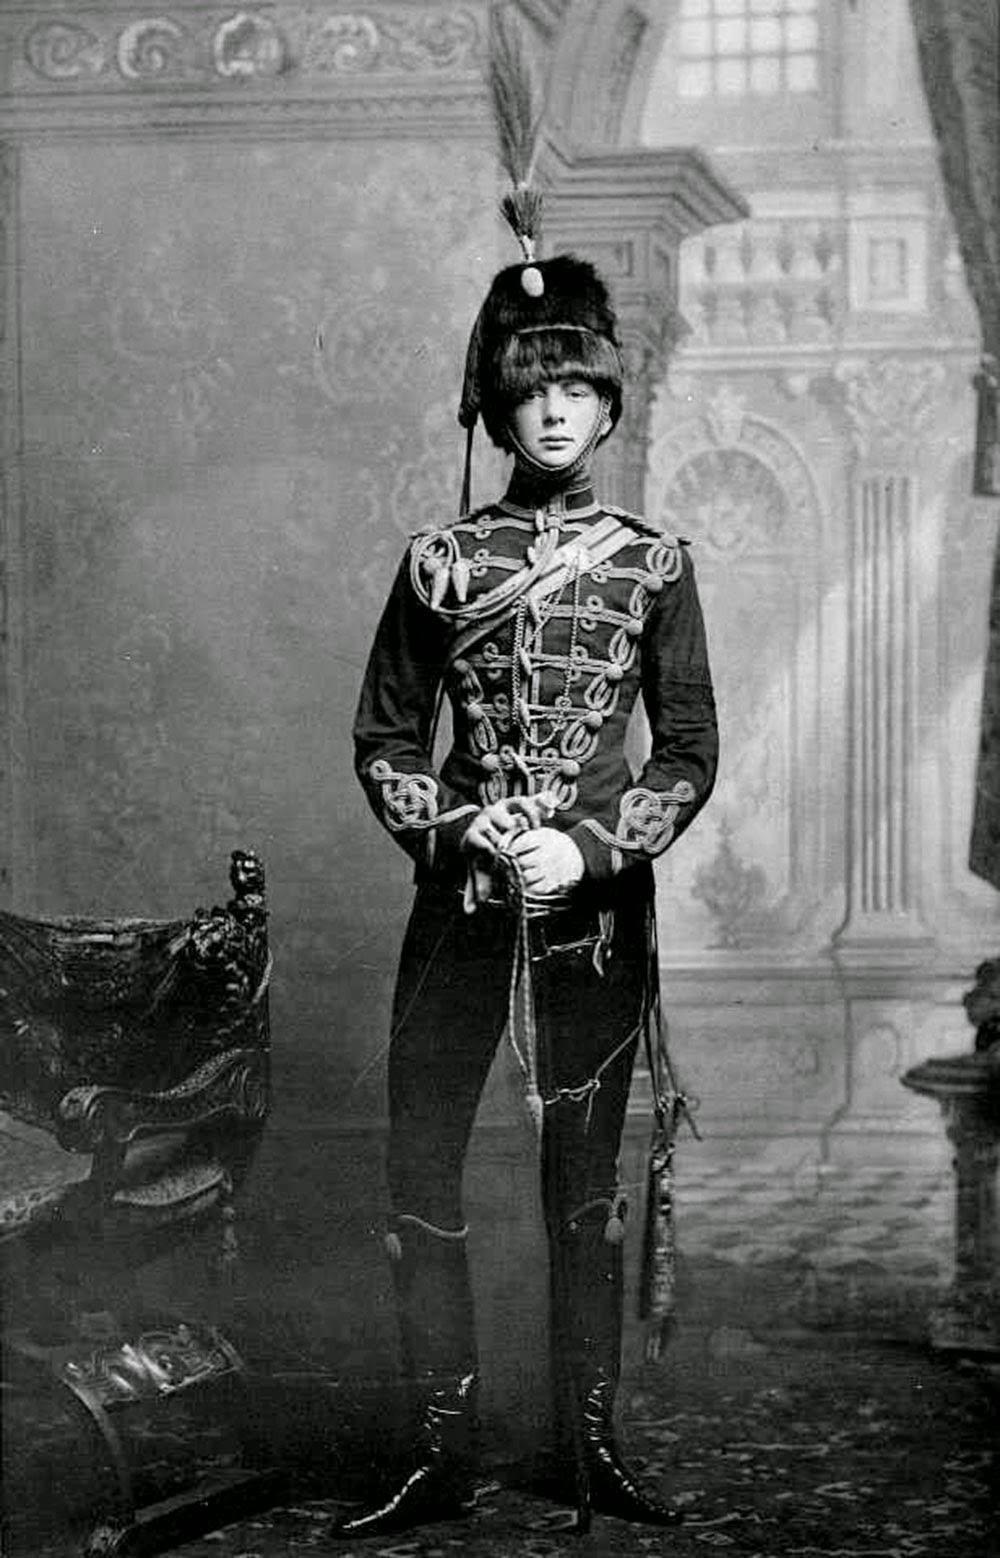 A rare portrait of a young Winston Churchill in uniform, 1895 ...